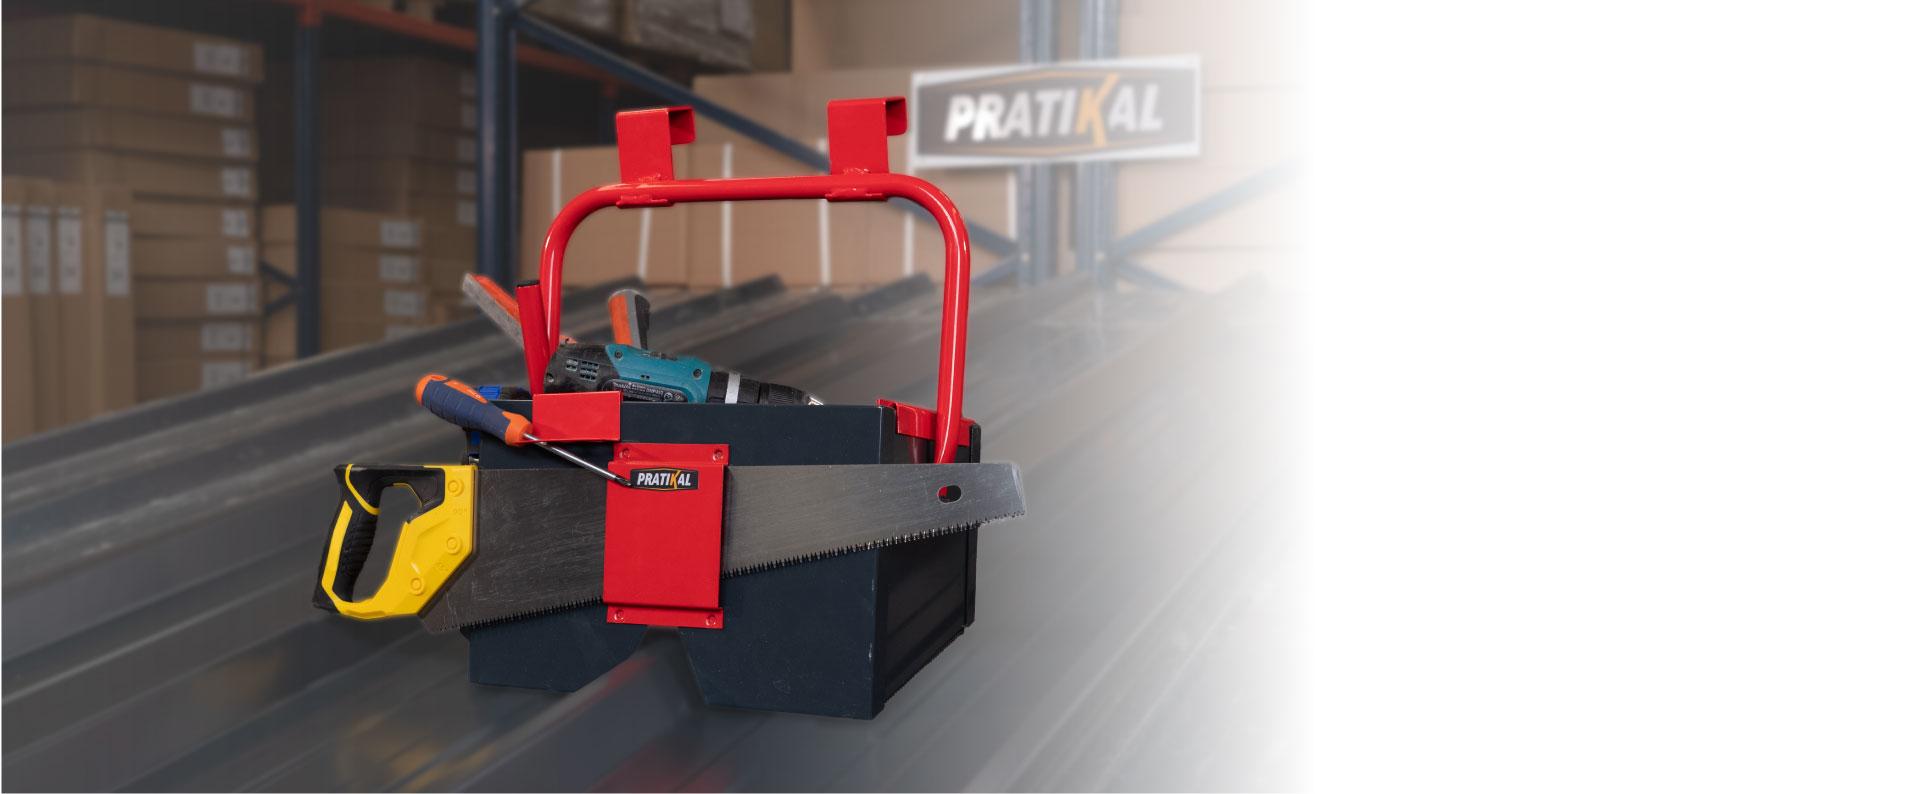 Tous vos outils à portée de main, quelle que soit la pente du toit.